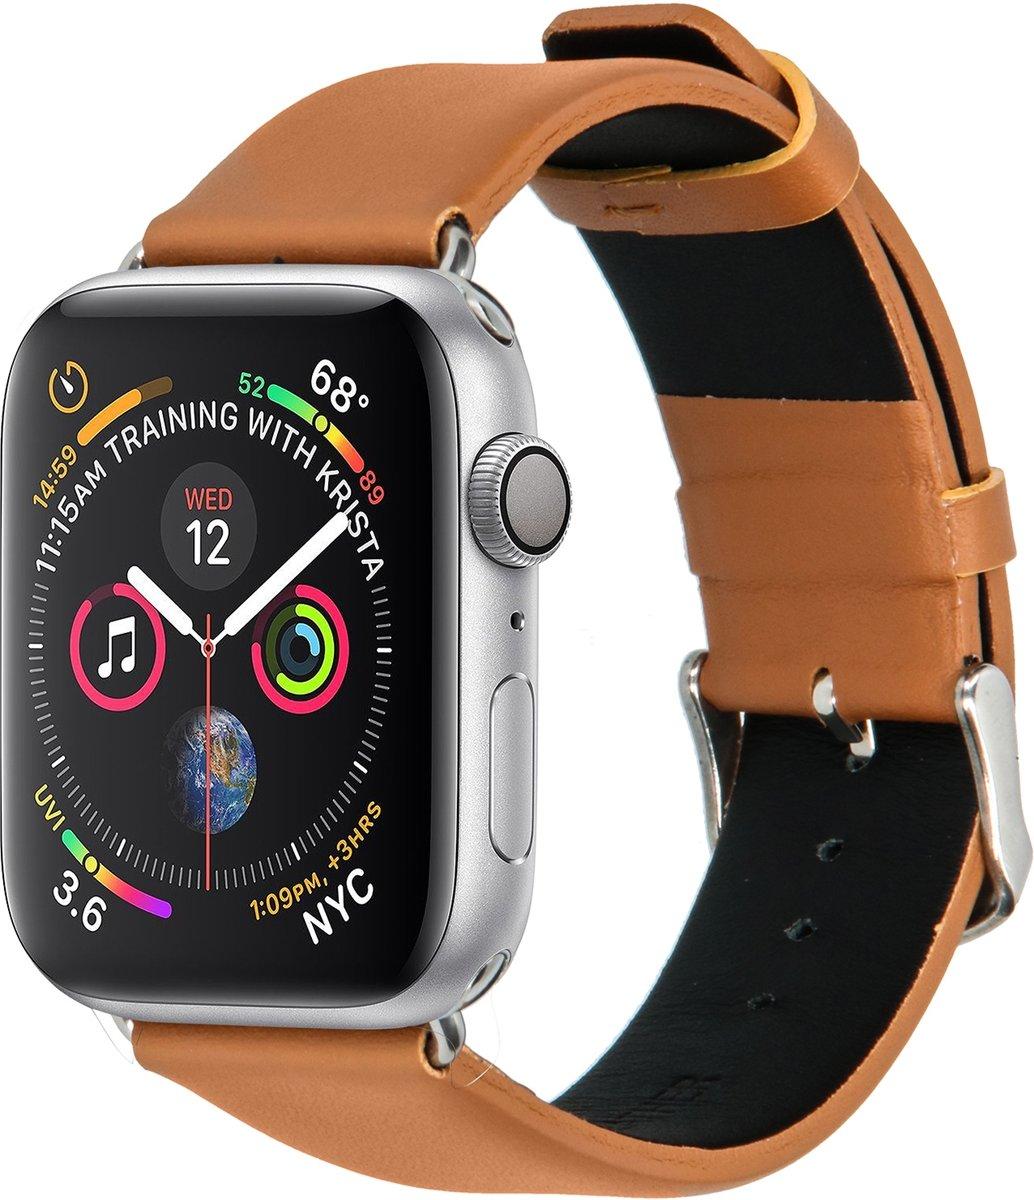 Lichtbruin effen lederen bandje voor de Apple Watch 40 / 38 mm kopen